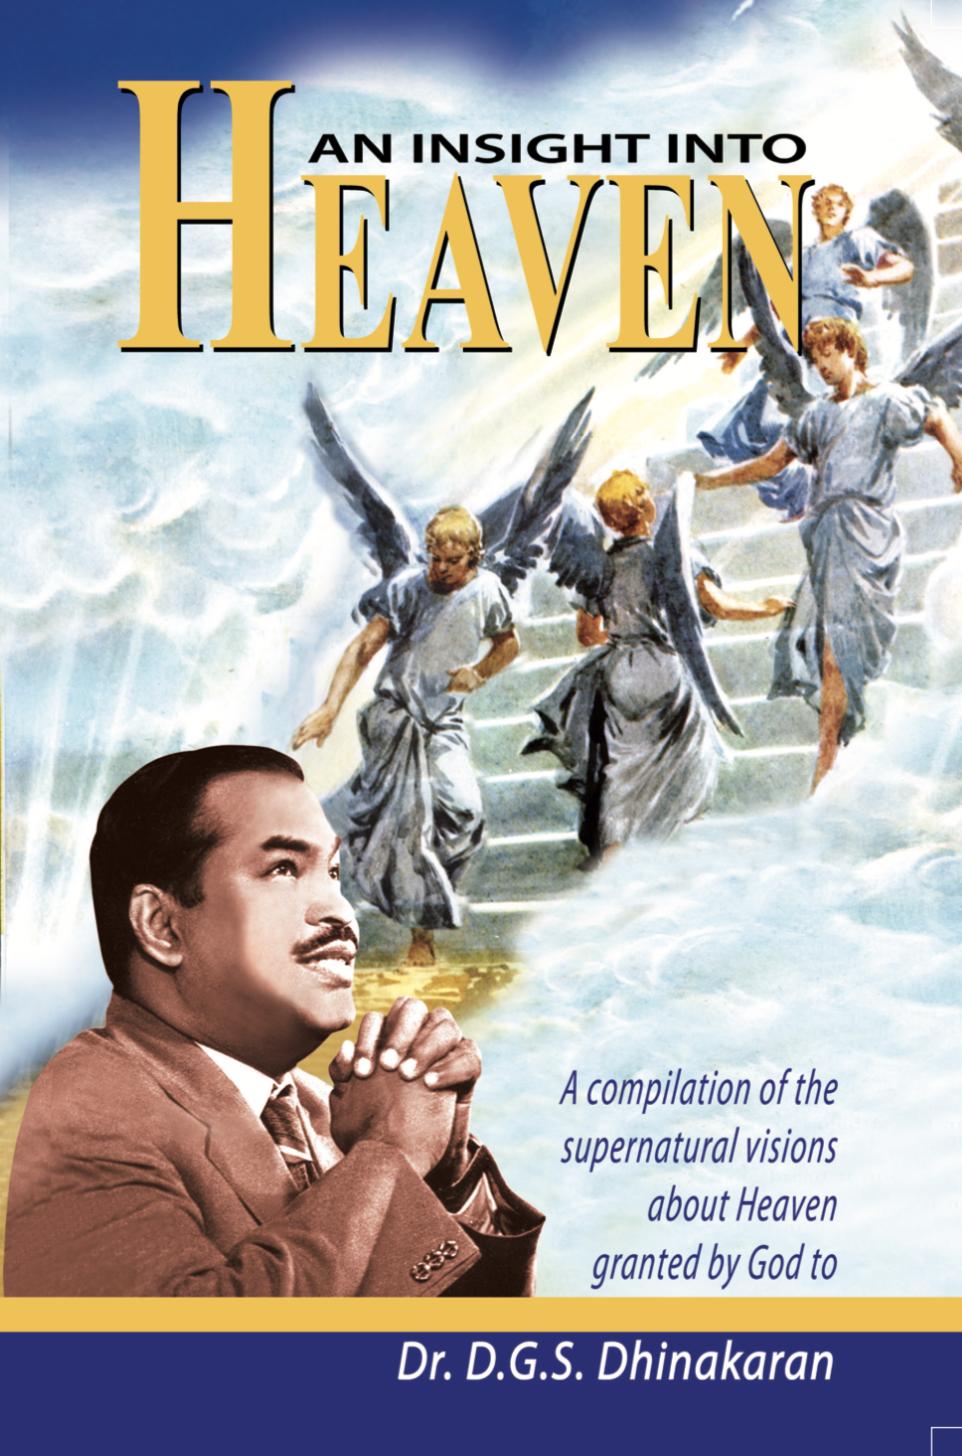 D. G. S. Dhinakaran | An Insight into Heaven